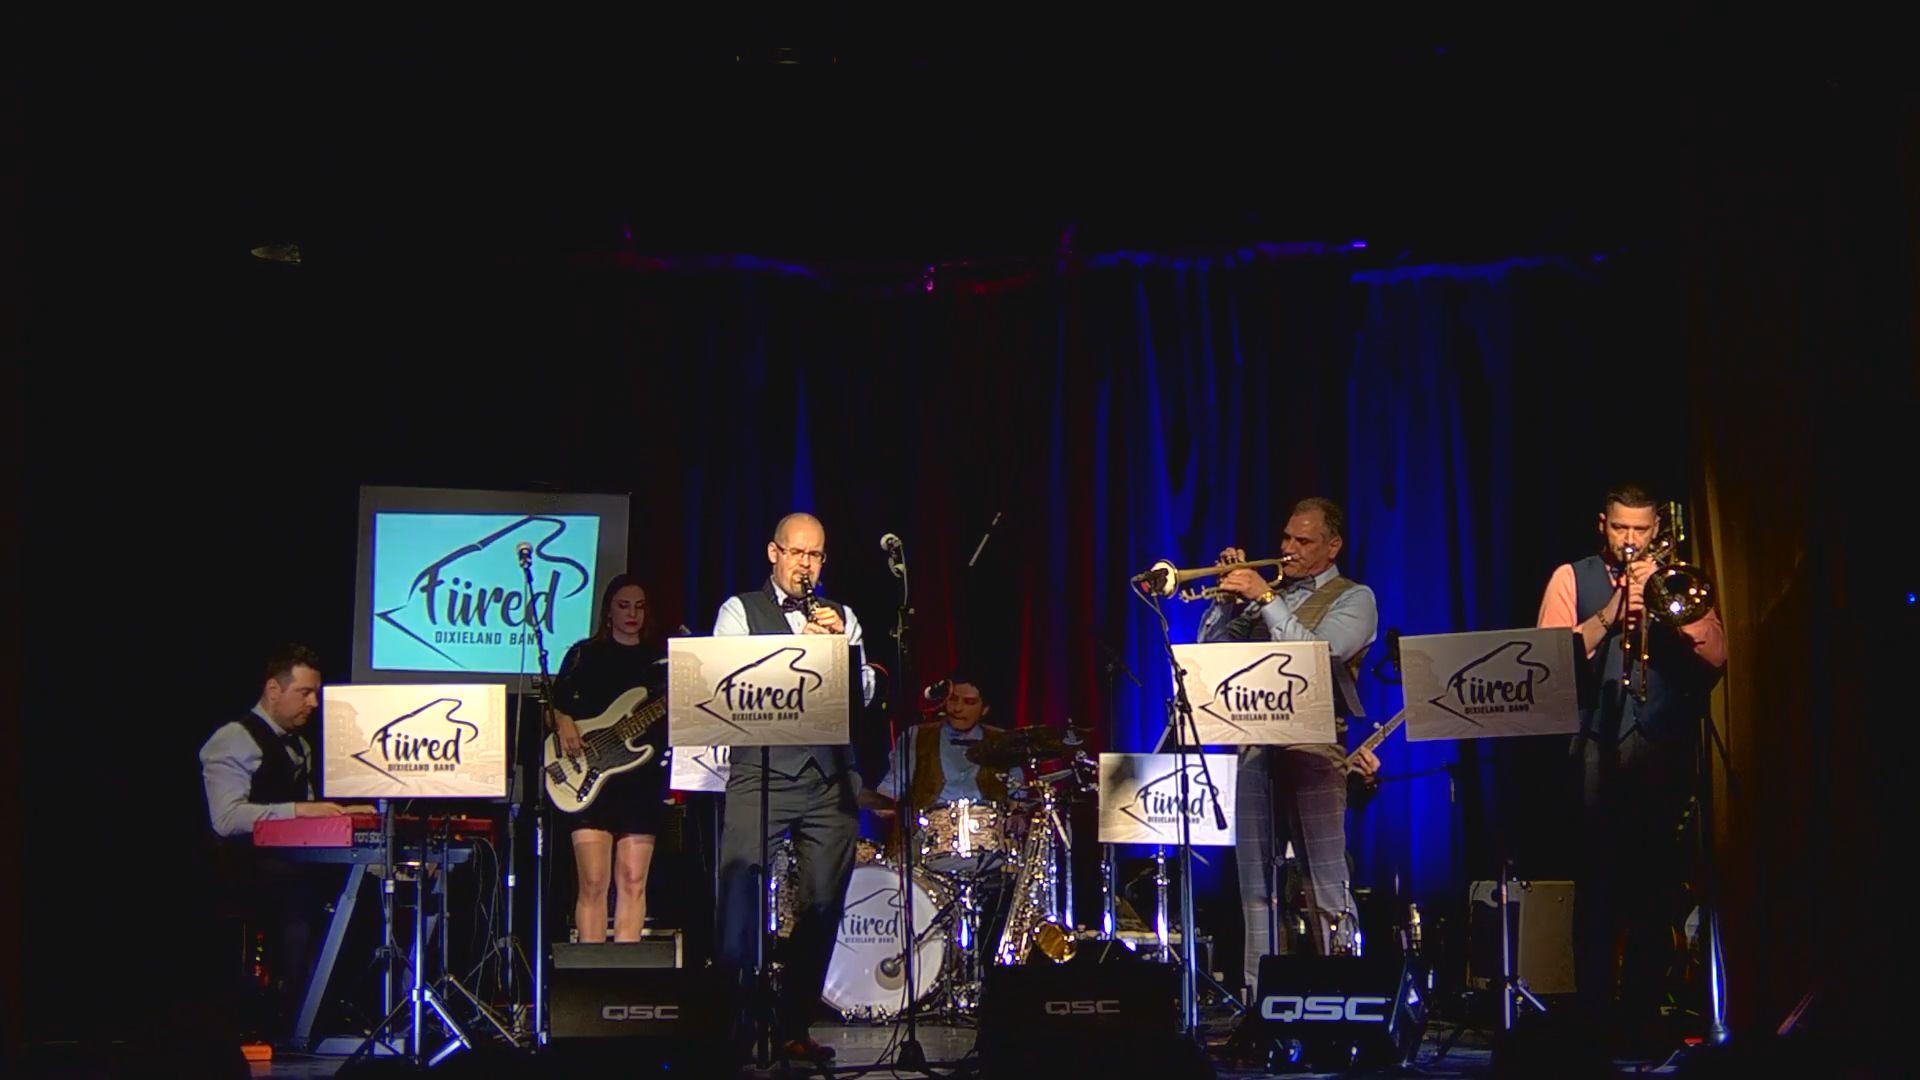 A veszprémi kórház gyermekosztályát segíti koncertjével Charlie és a Füred Dixieland Band